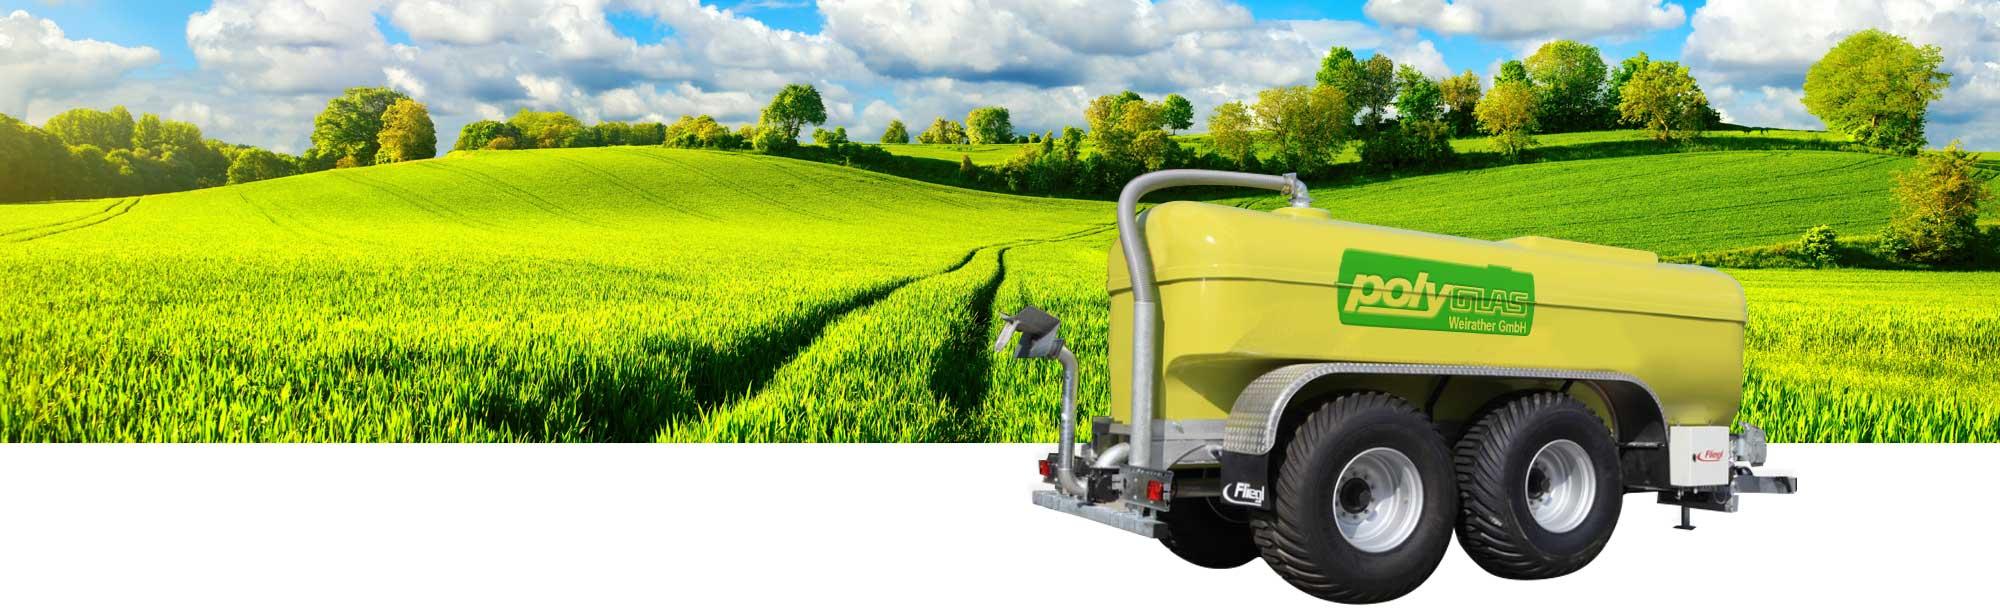 Guelletank für Landwirtschaft